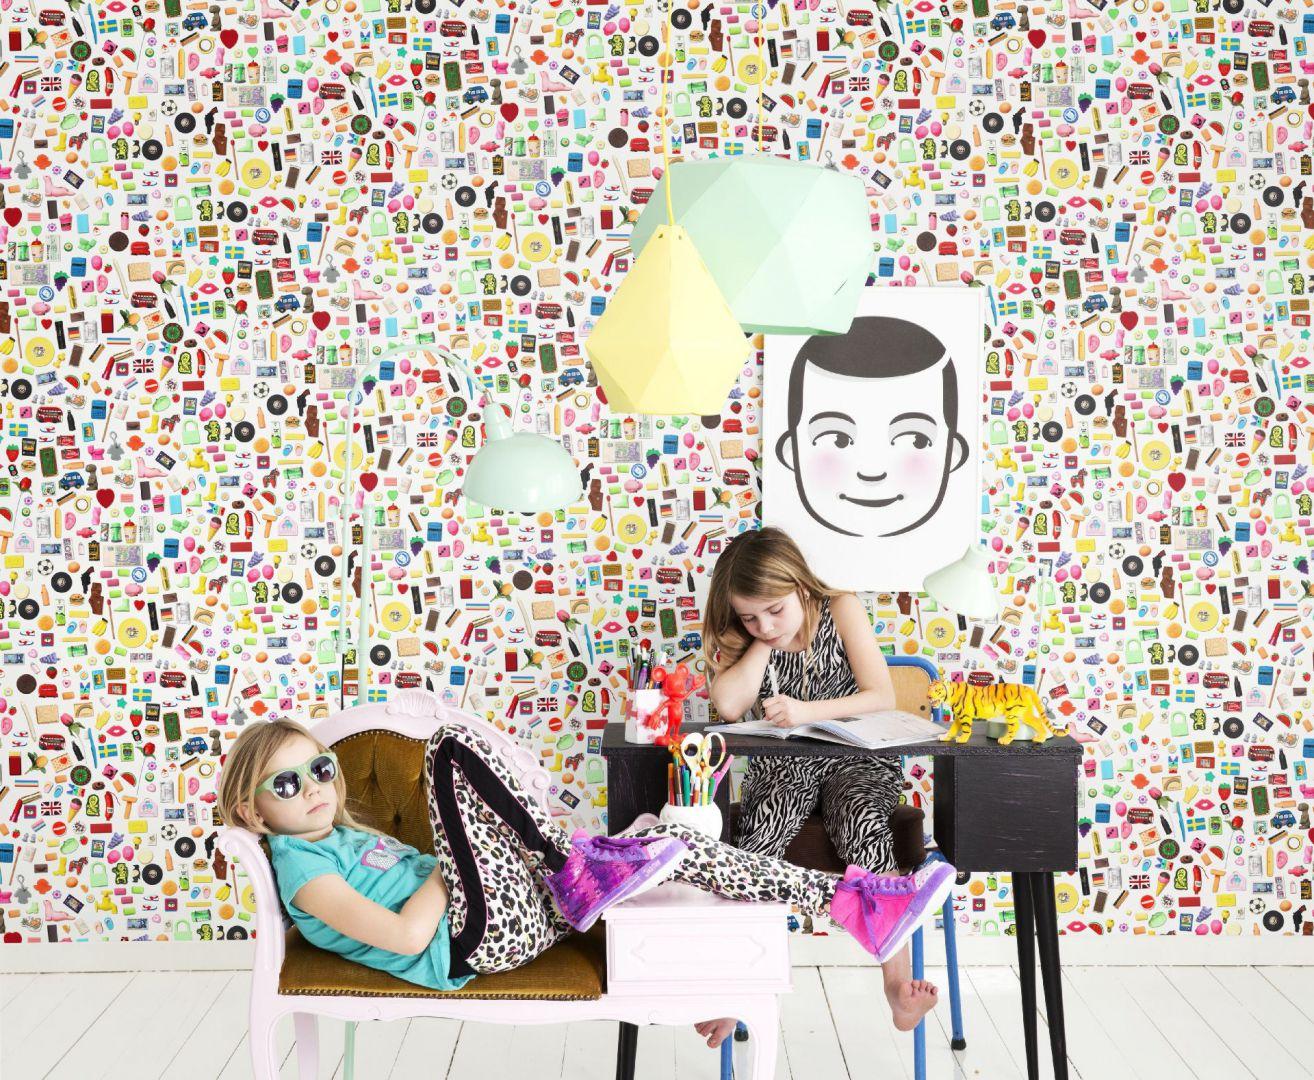 Kolekcja tapet Isabelle Mc Allister stworzona dla, a zarazem we współpracy z dziećmi zachwyca pomysłowością i starannie dobranymi kolorami.  Fot. Mr Perswall/Tapetomat.